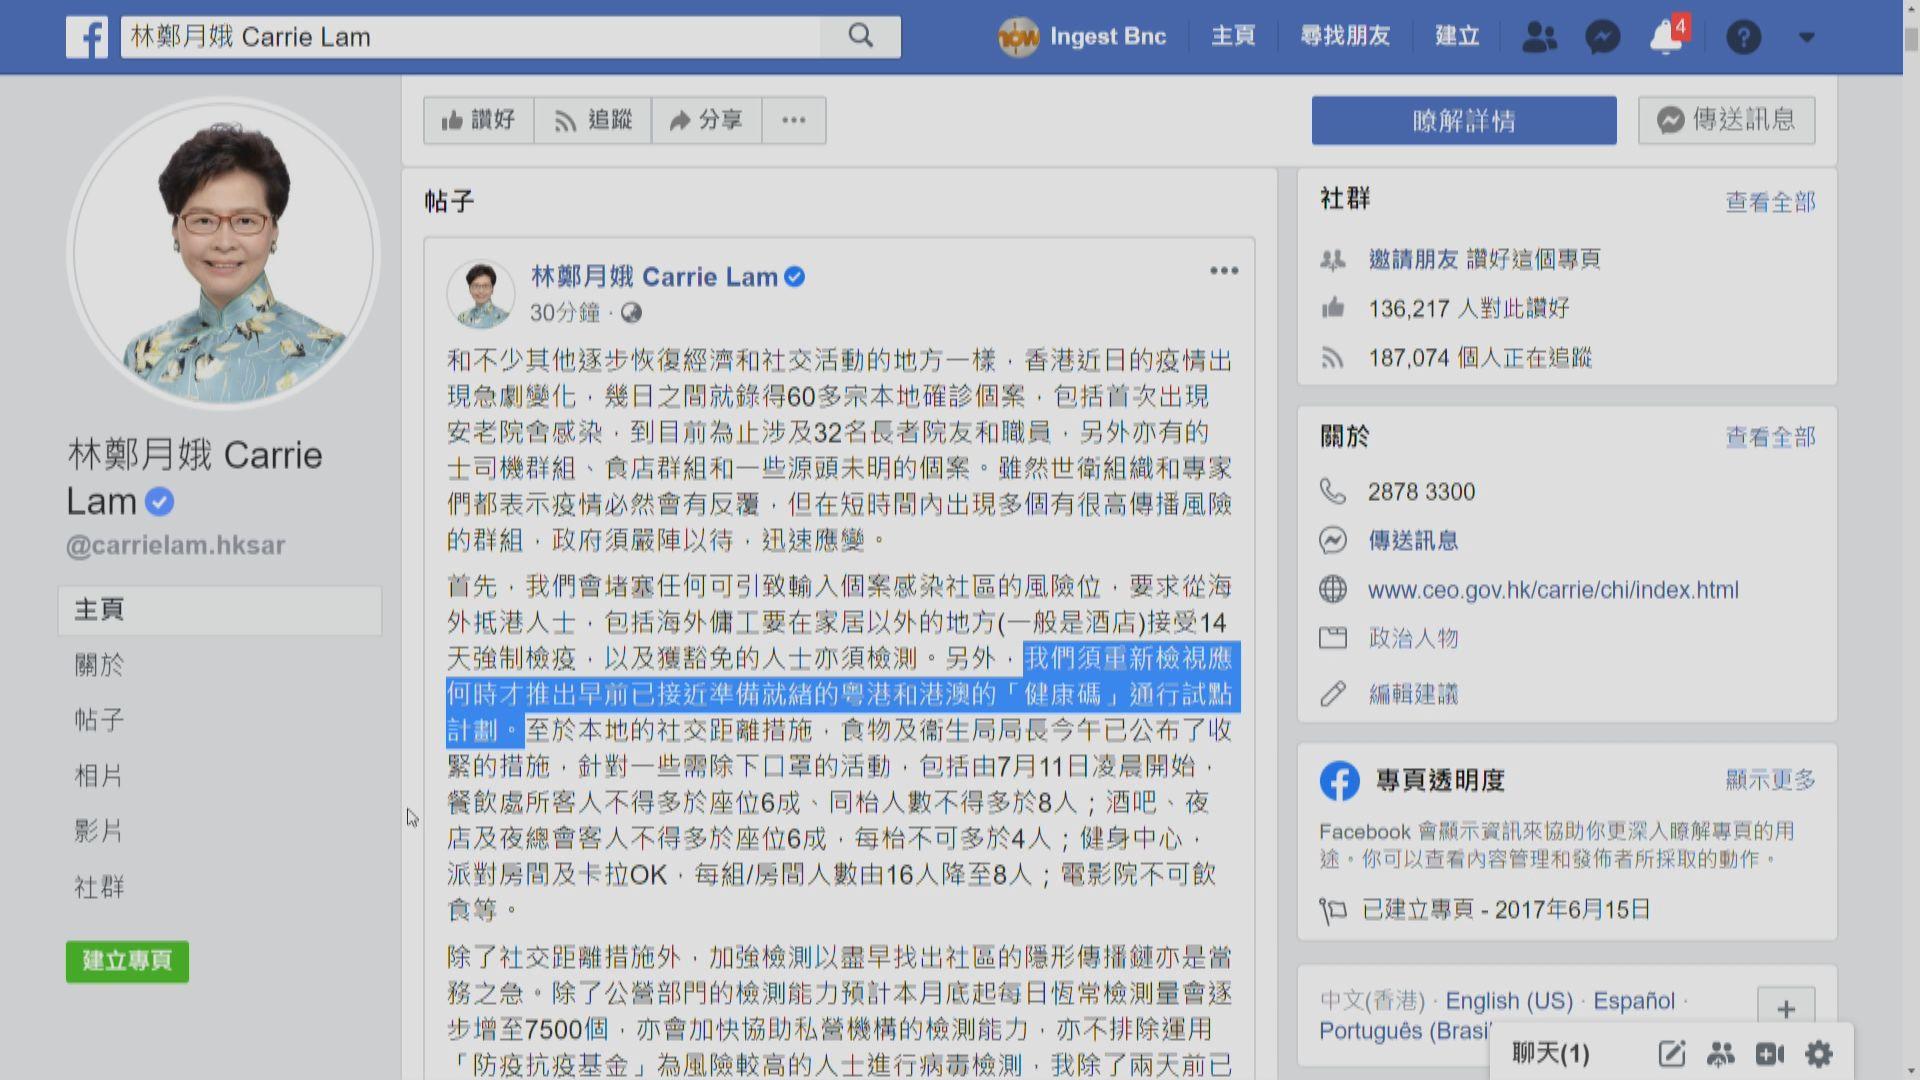 林鄭:政府須重新檢視何時推出「健康碼」